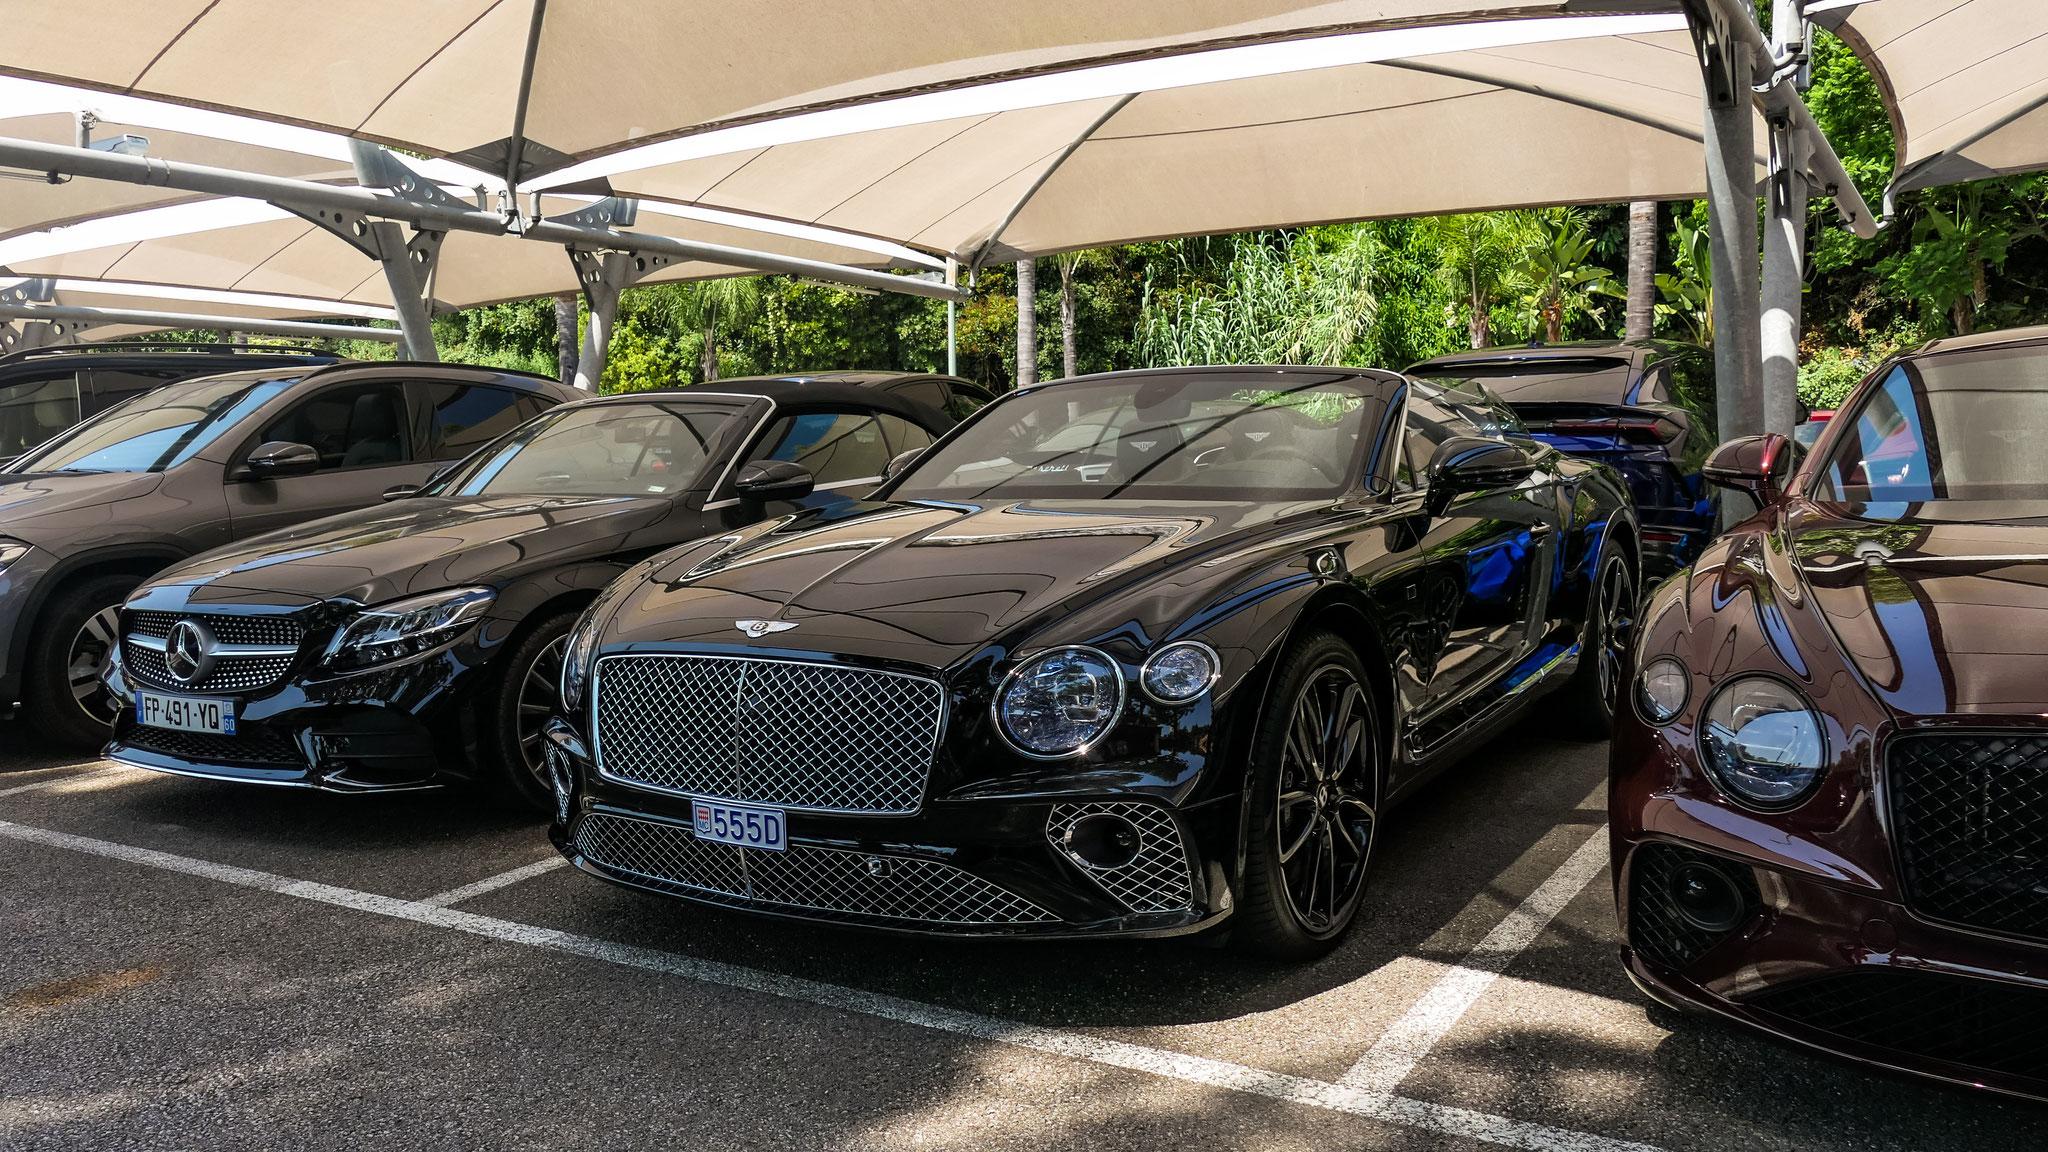 Bentley Continental GTC - 555D (MC)